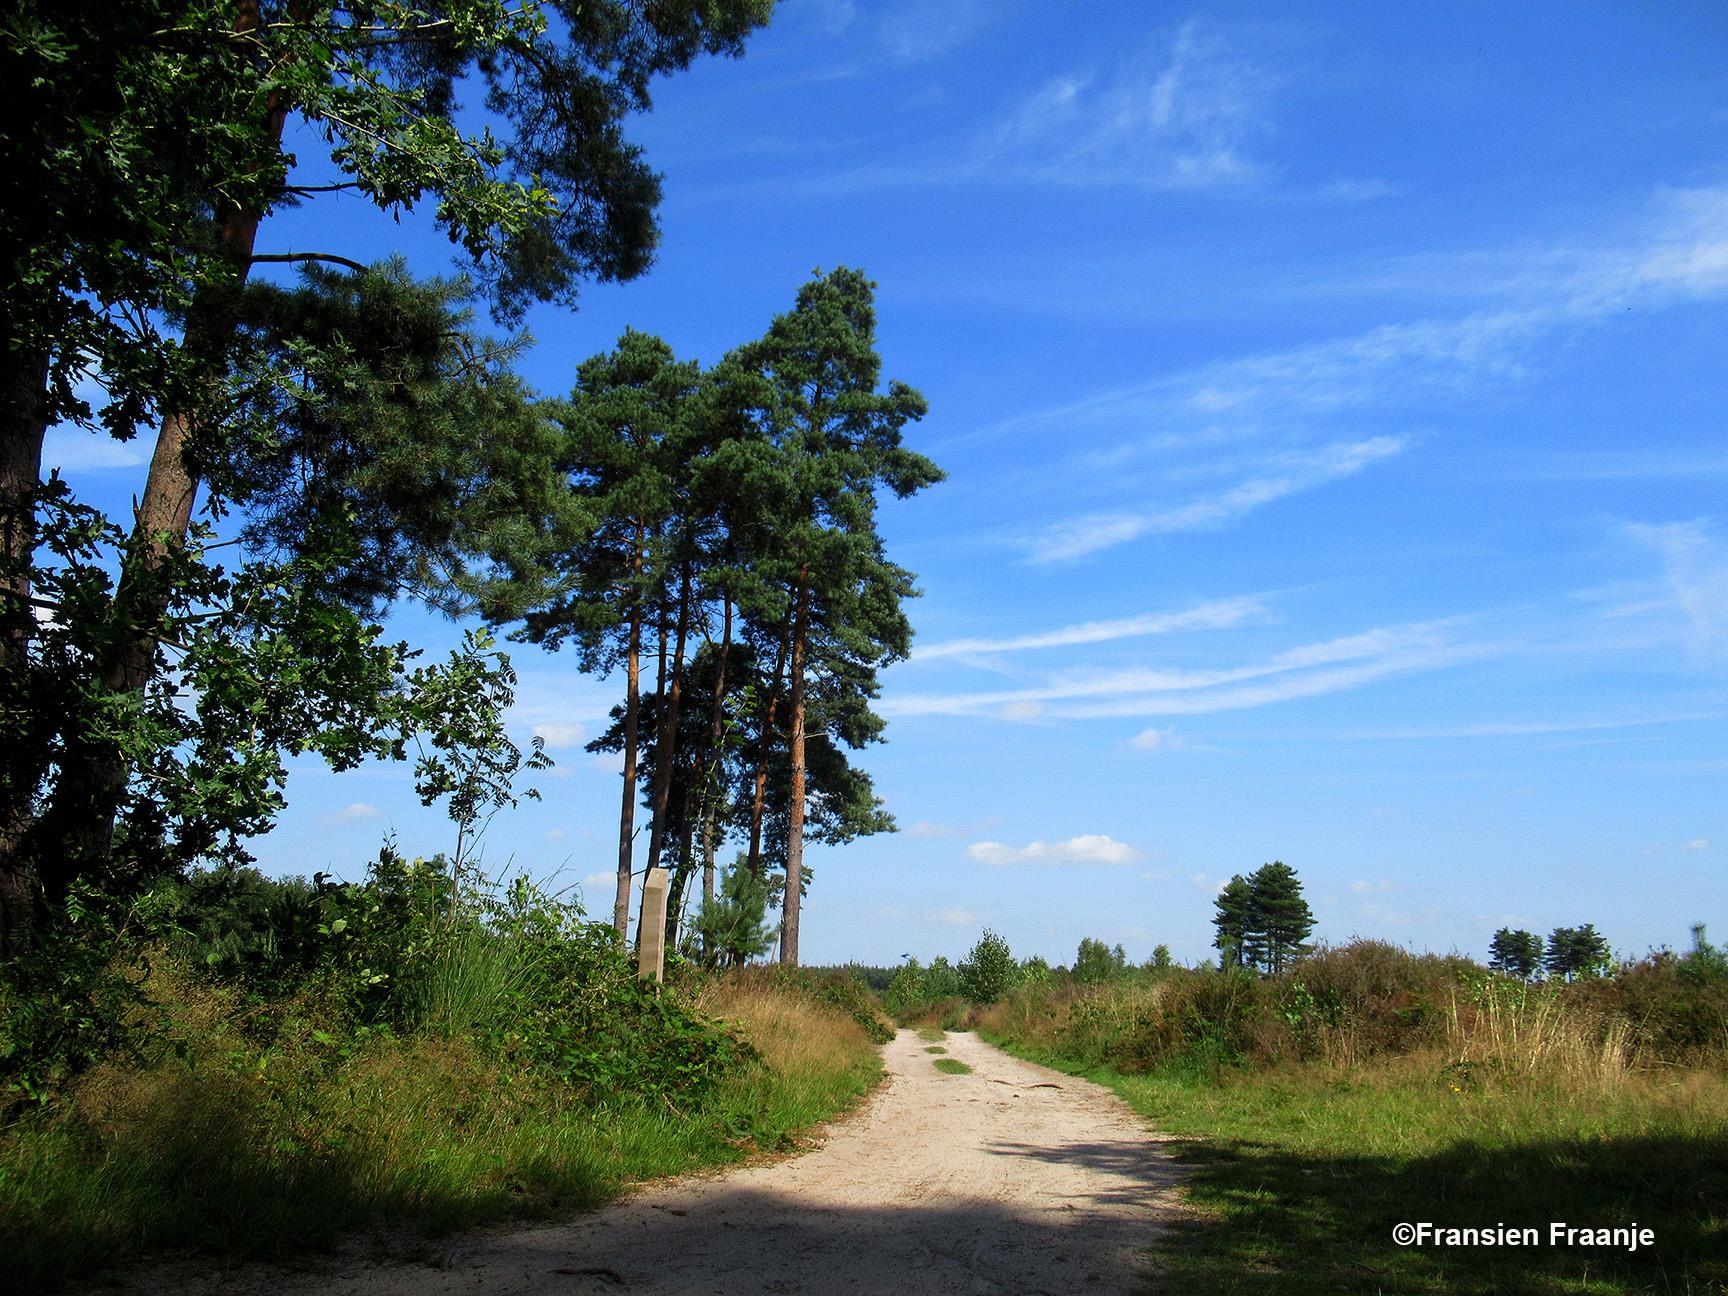 De prachtige hoge sparren en dennen als wachters aan de rand van de heide op Landgoed Den Treek Henschoten - Foto: ©Fransien Fieneke Fraanje-